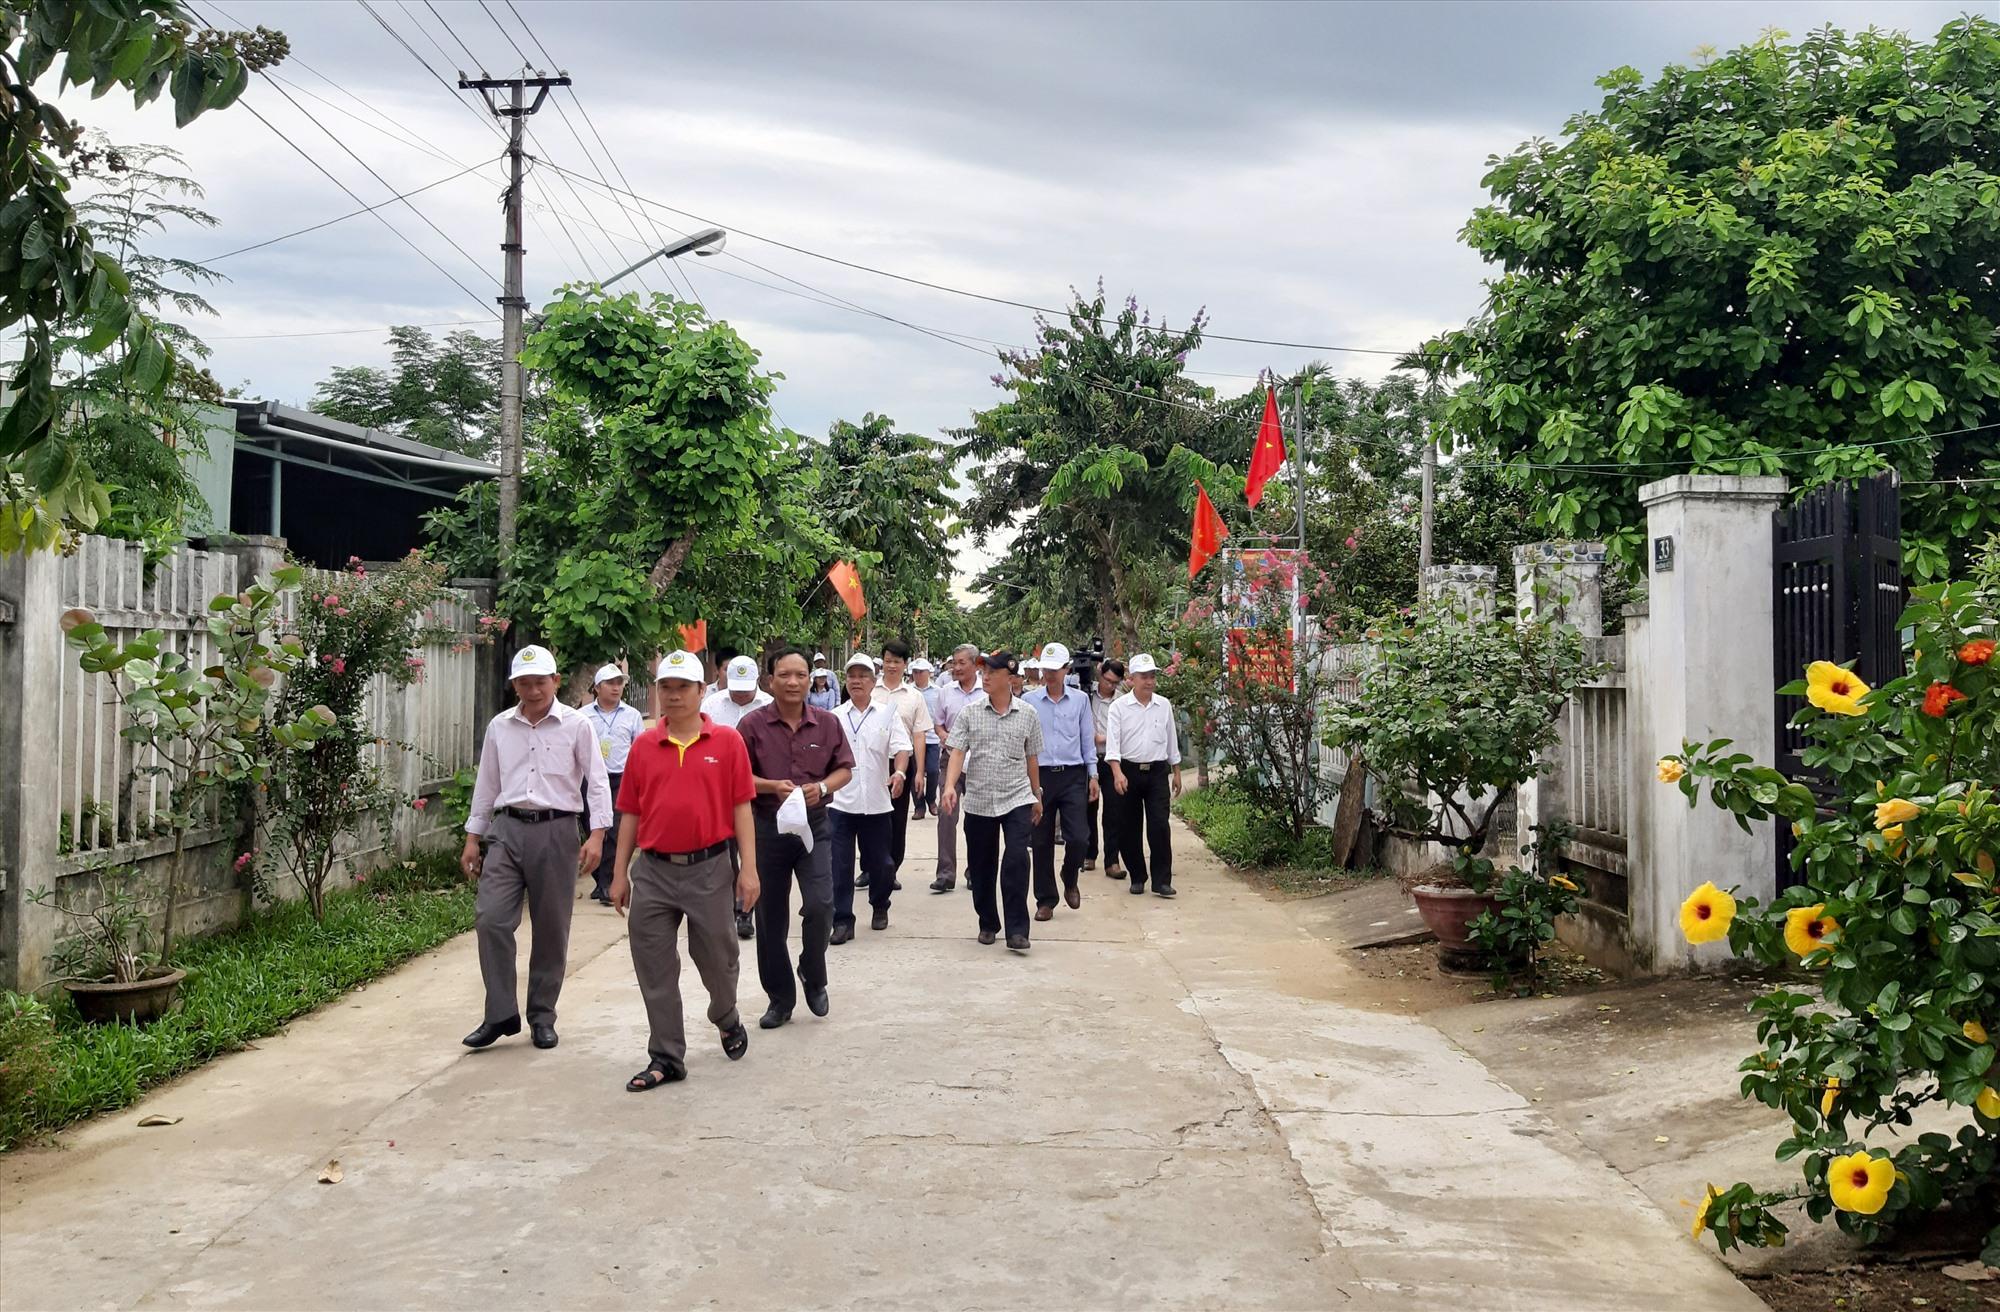 Tham quan khu dân cư nông thôn mới kiểu mẫu Bến Đền của xã Điện Quang (Điện Bàn). Ảnh: N.P